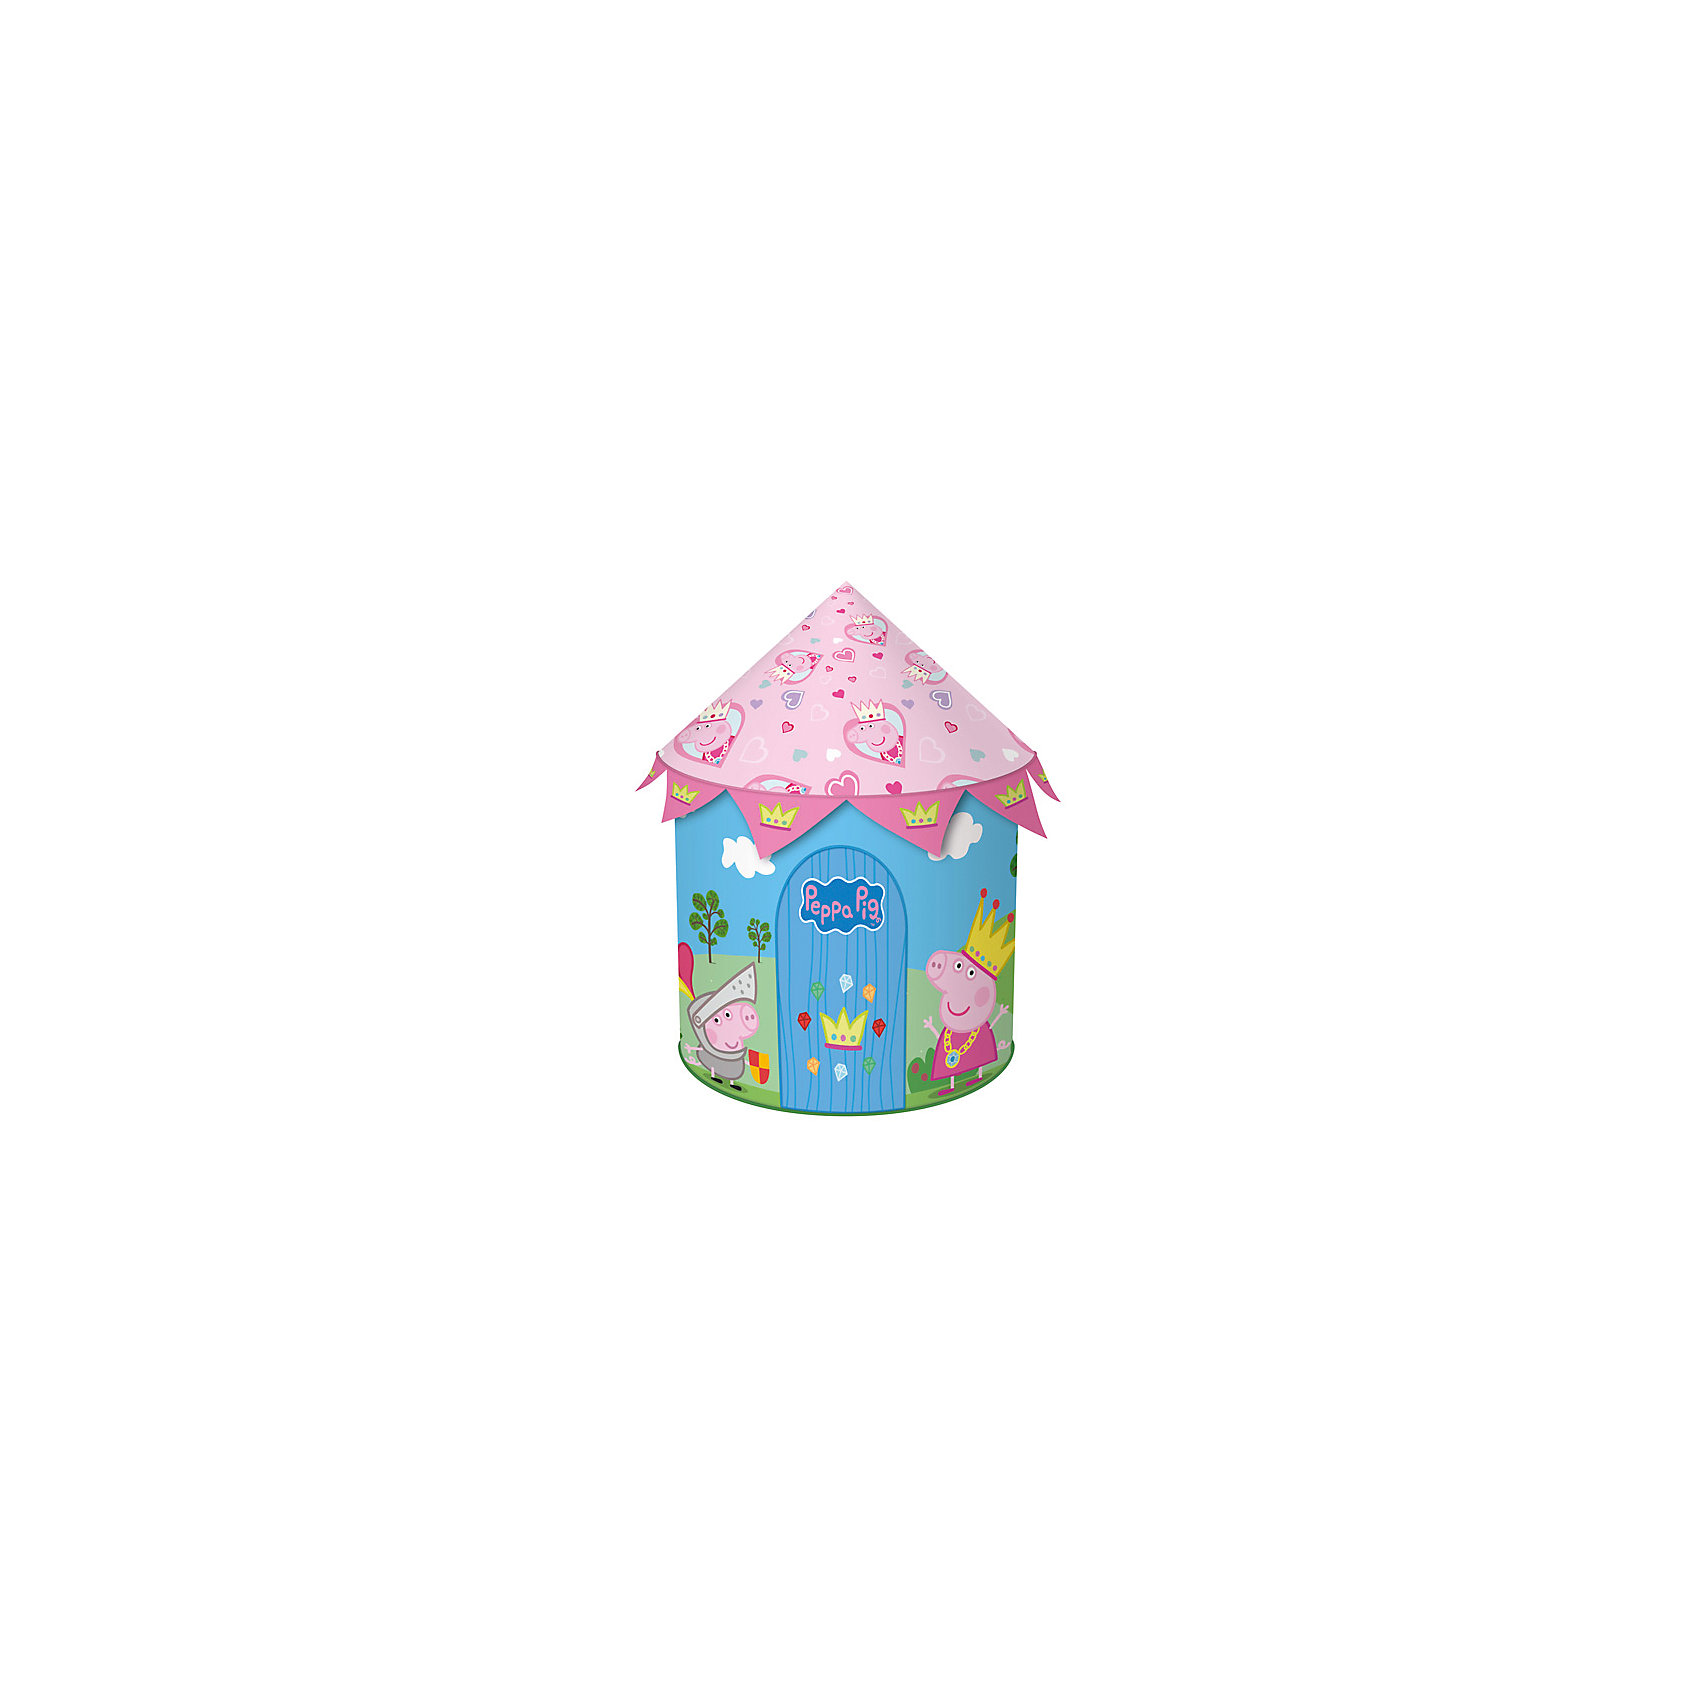 Росмэн Игровая палатка-замок , Свинка Пеппа origami пазл замок 160 деталей свинка пеппа